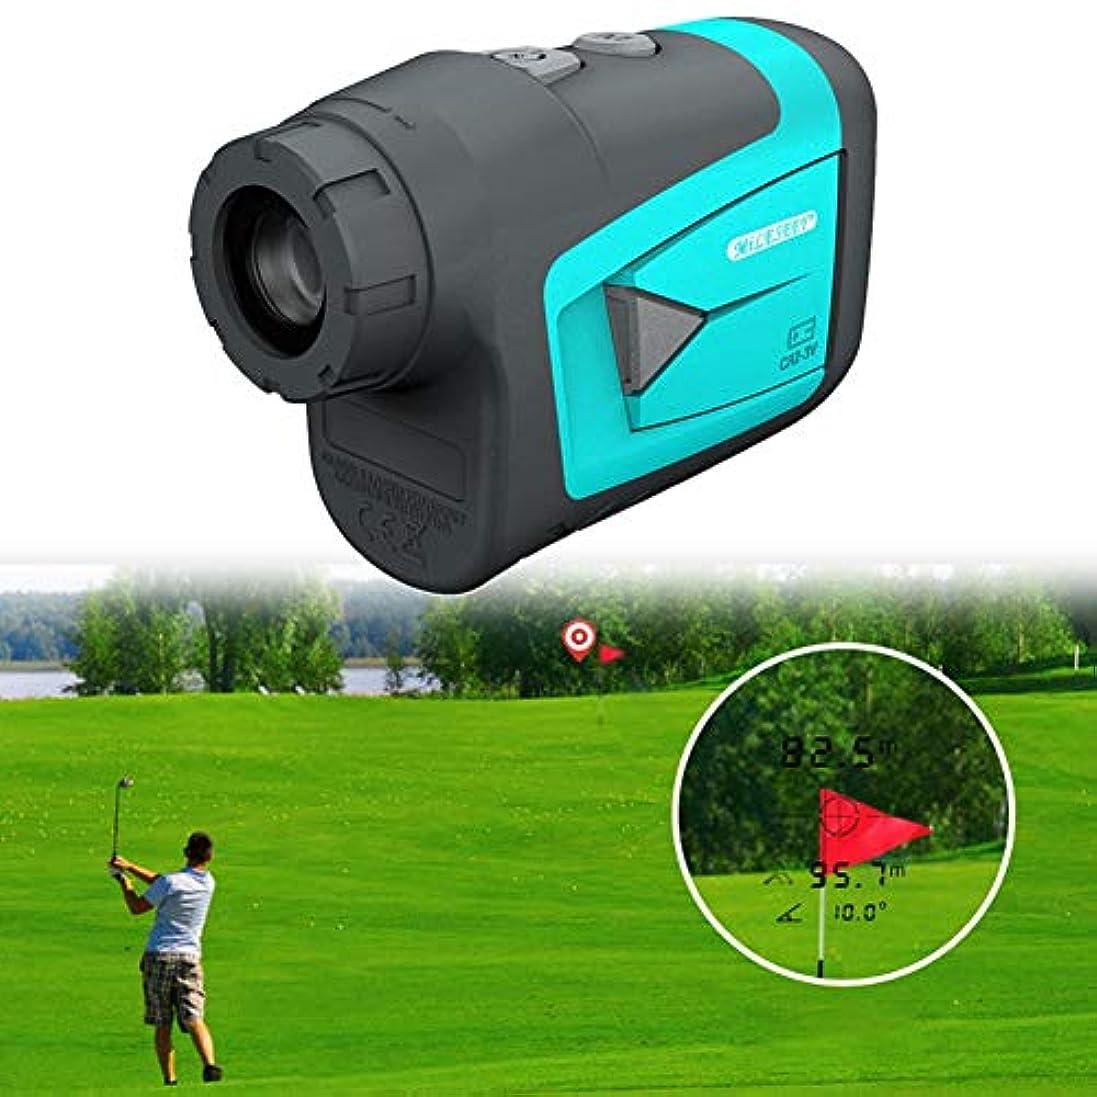 黒人スクラップ宣言colmall 距離計 600m ゴルフ用 距離測定器 ゴルフスコープ 計測器 光学6x倍望遠 角度データ生活防水程度など コンパクト 携帯に便利 helpful